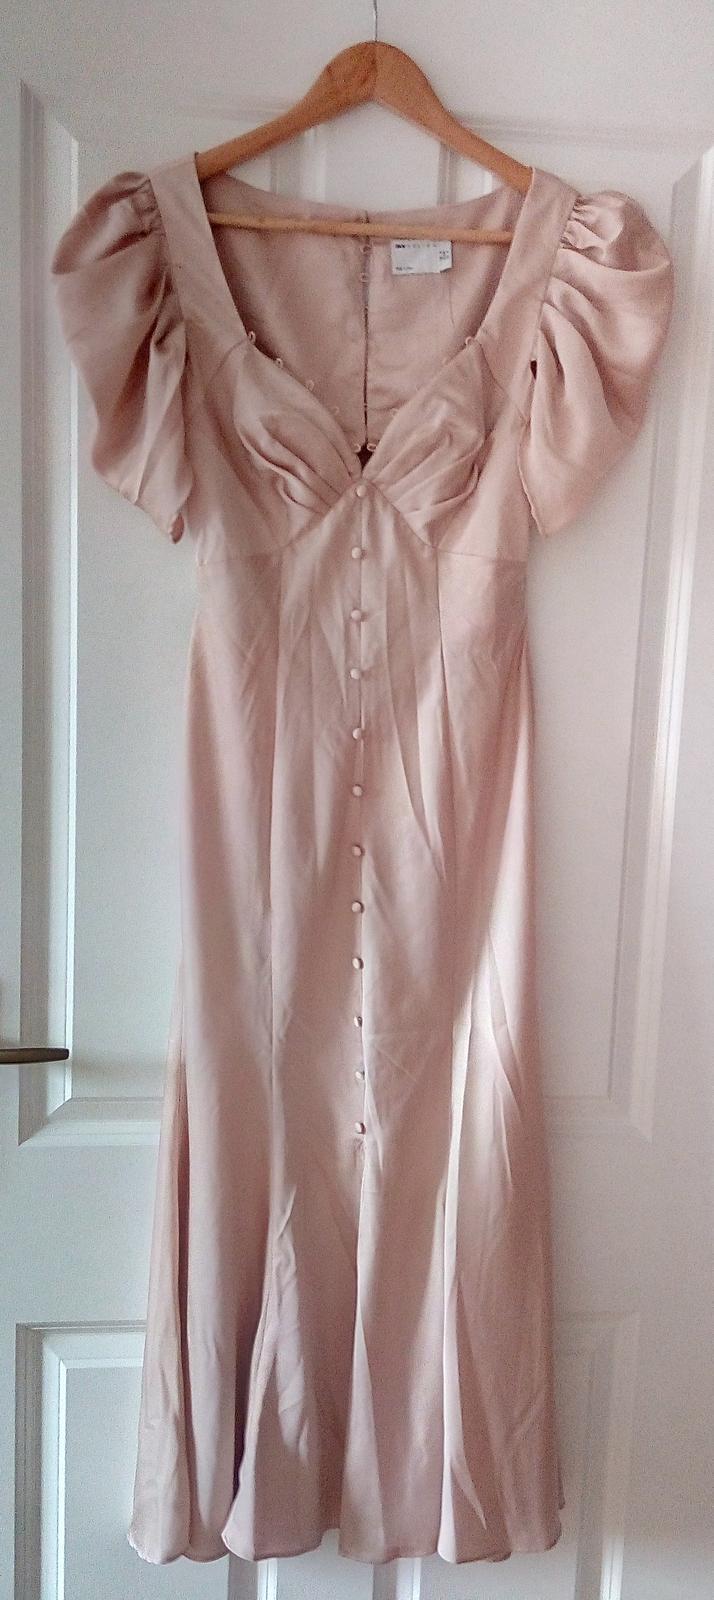 Púdrovoružové spoločenské šaty Asos S - Obrázok č. 1